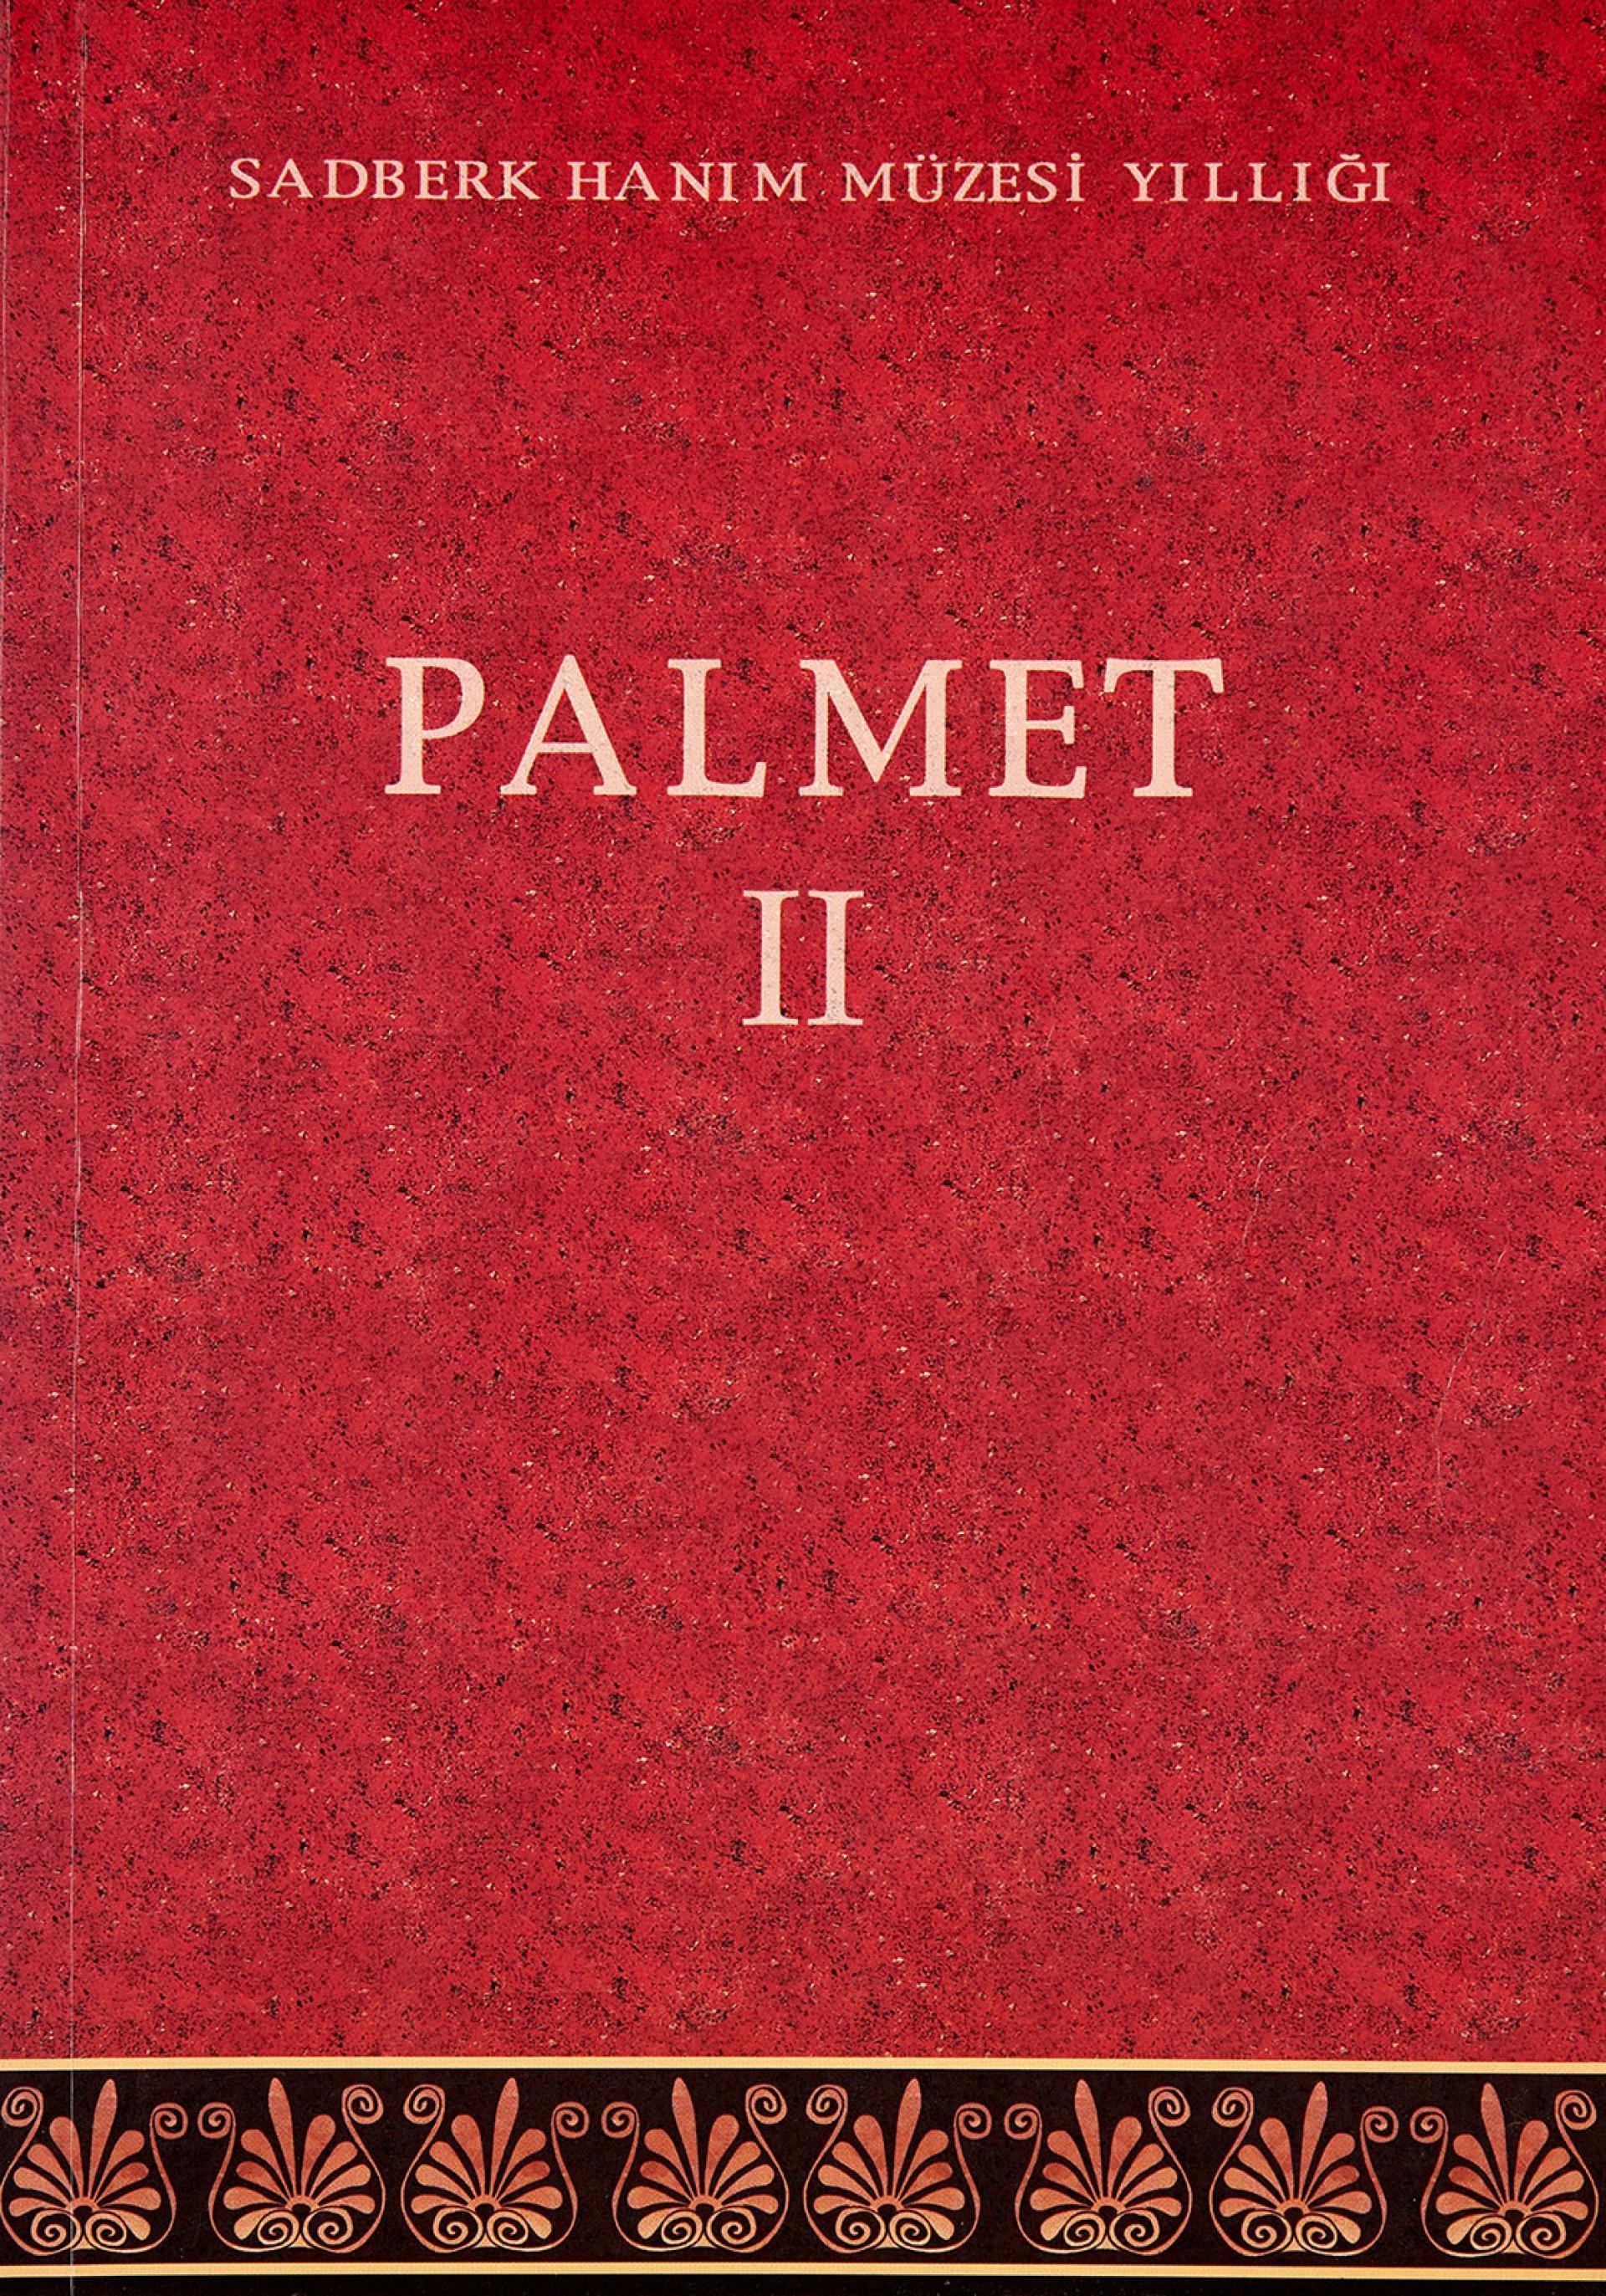 Palmet II - Sadberk Hanım Müzesi Yıllığı - KİTAPLAR - Sadberk Hanım Müzesi